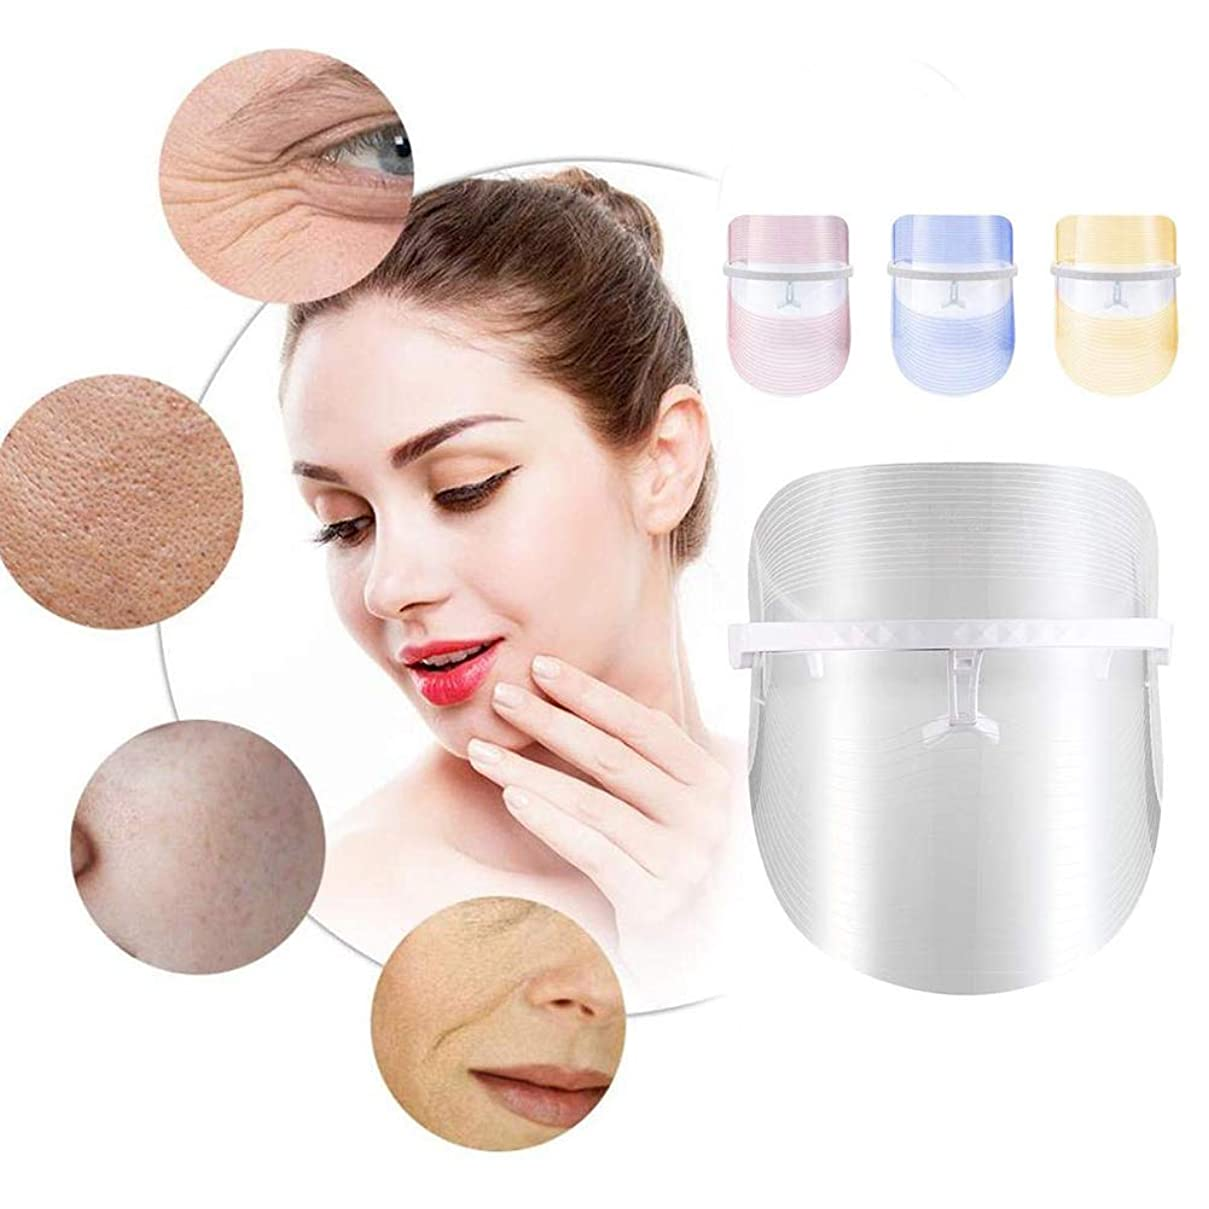 相対サイズ耐えられない大腿3色LEDフェイシャルマスク美容器具光線療法赤青とオレンジの光の収縮孔は顔ケアツールを若返らせる